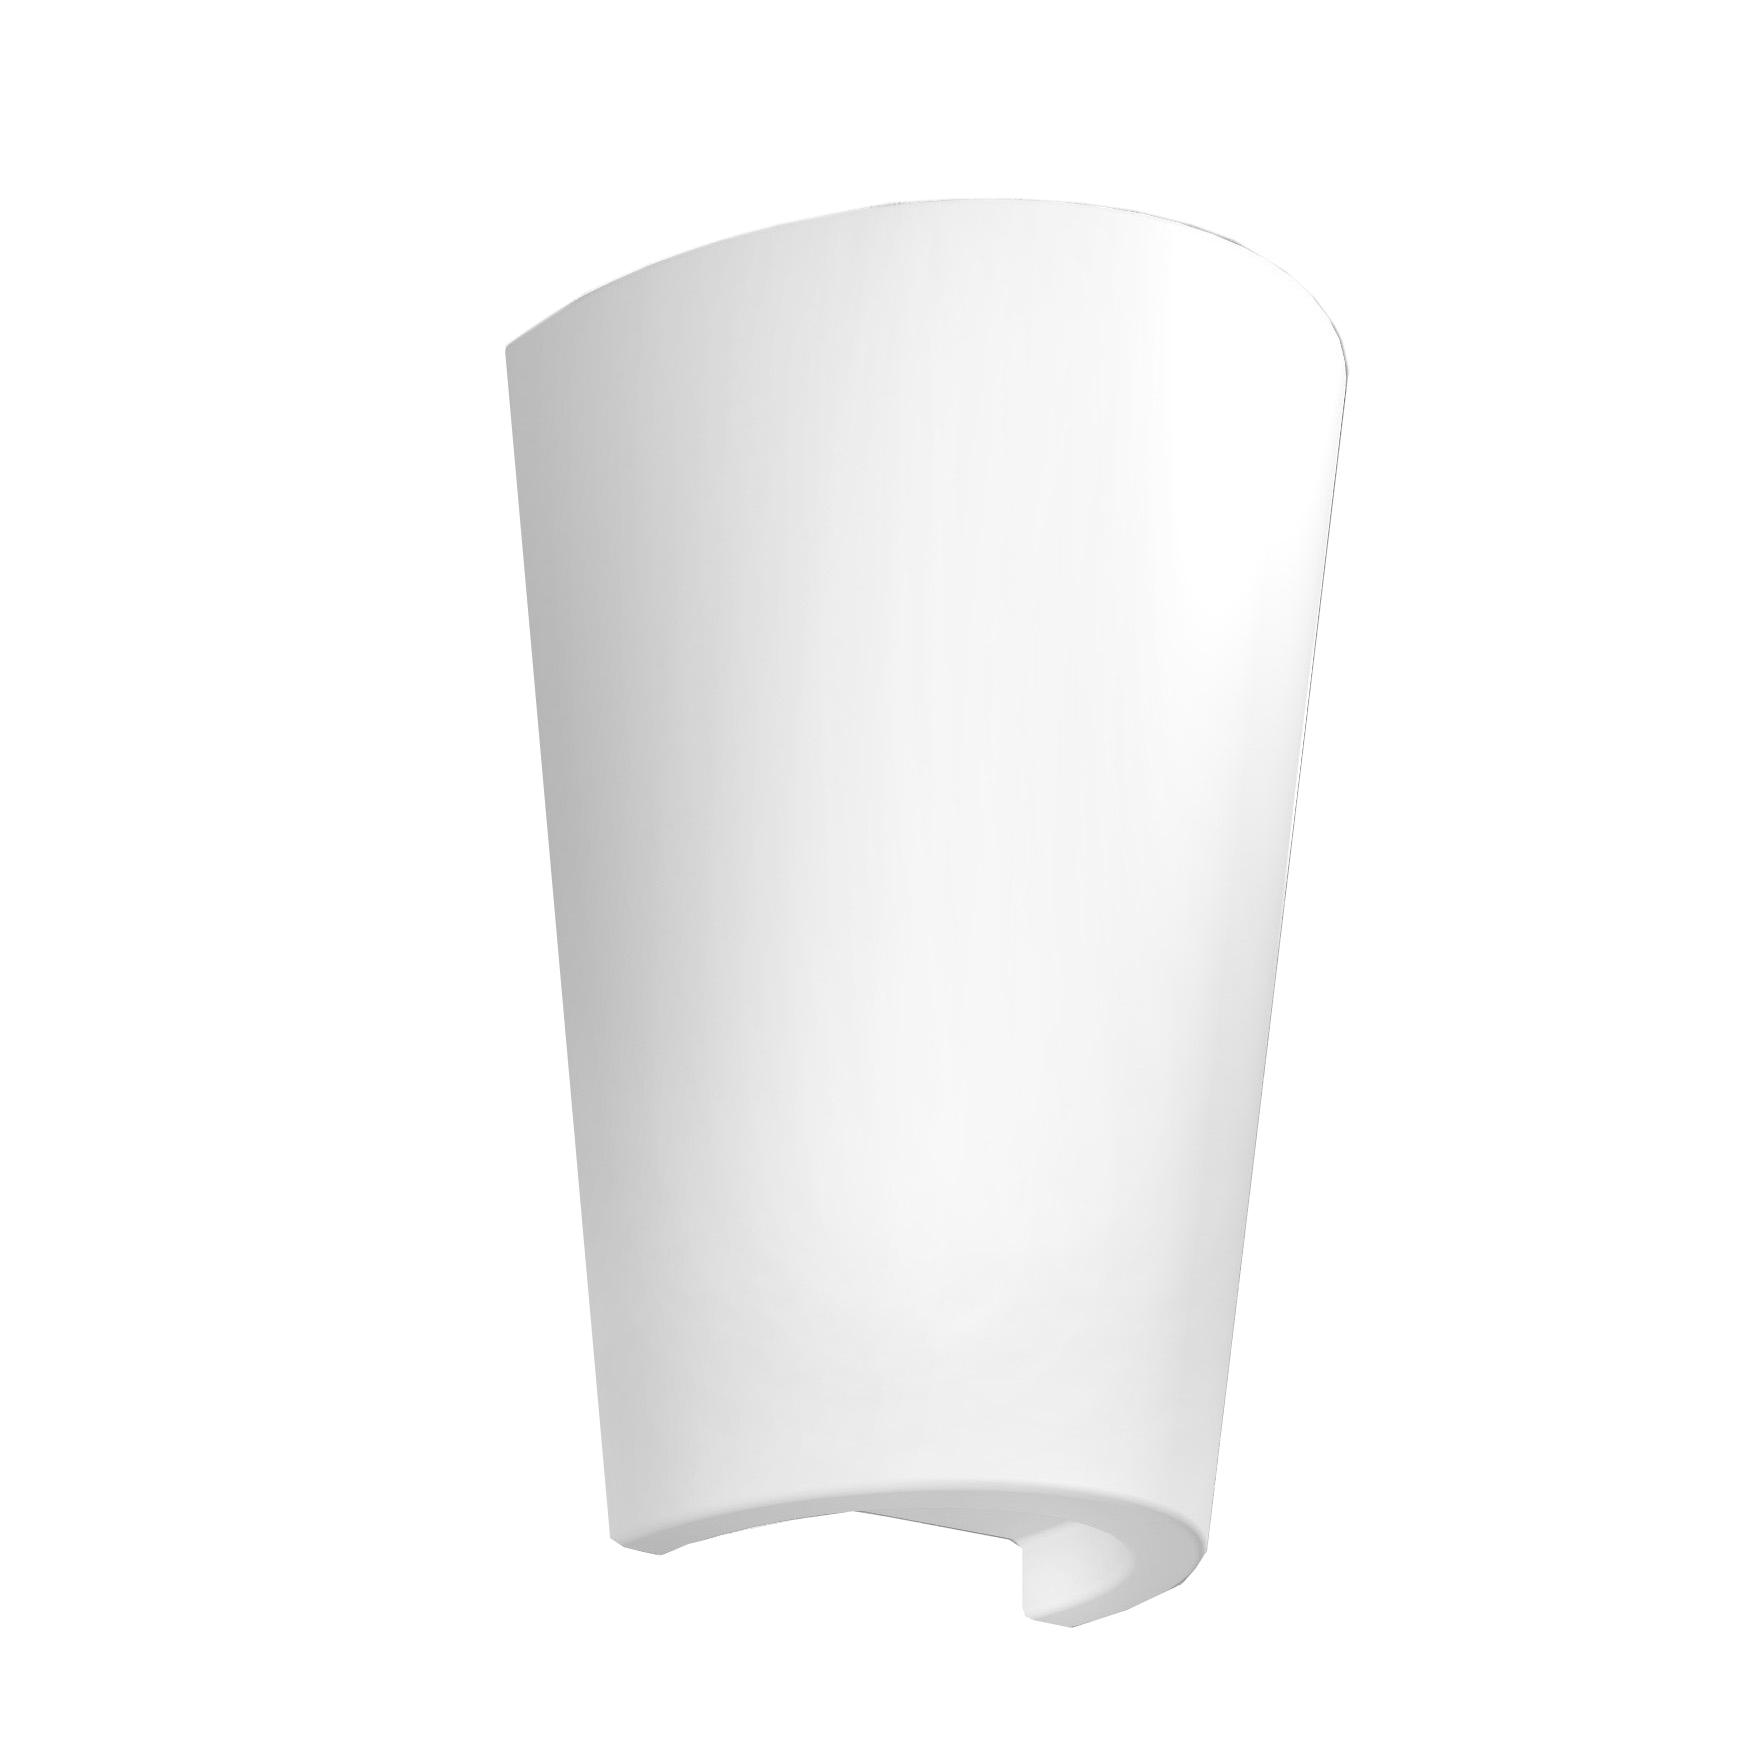 Настенный светильник Mantra Teja 6508, IP54, белый, металл, пластик - фото 1